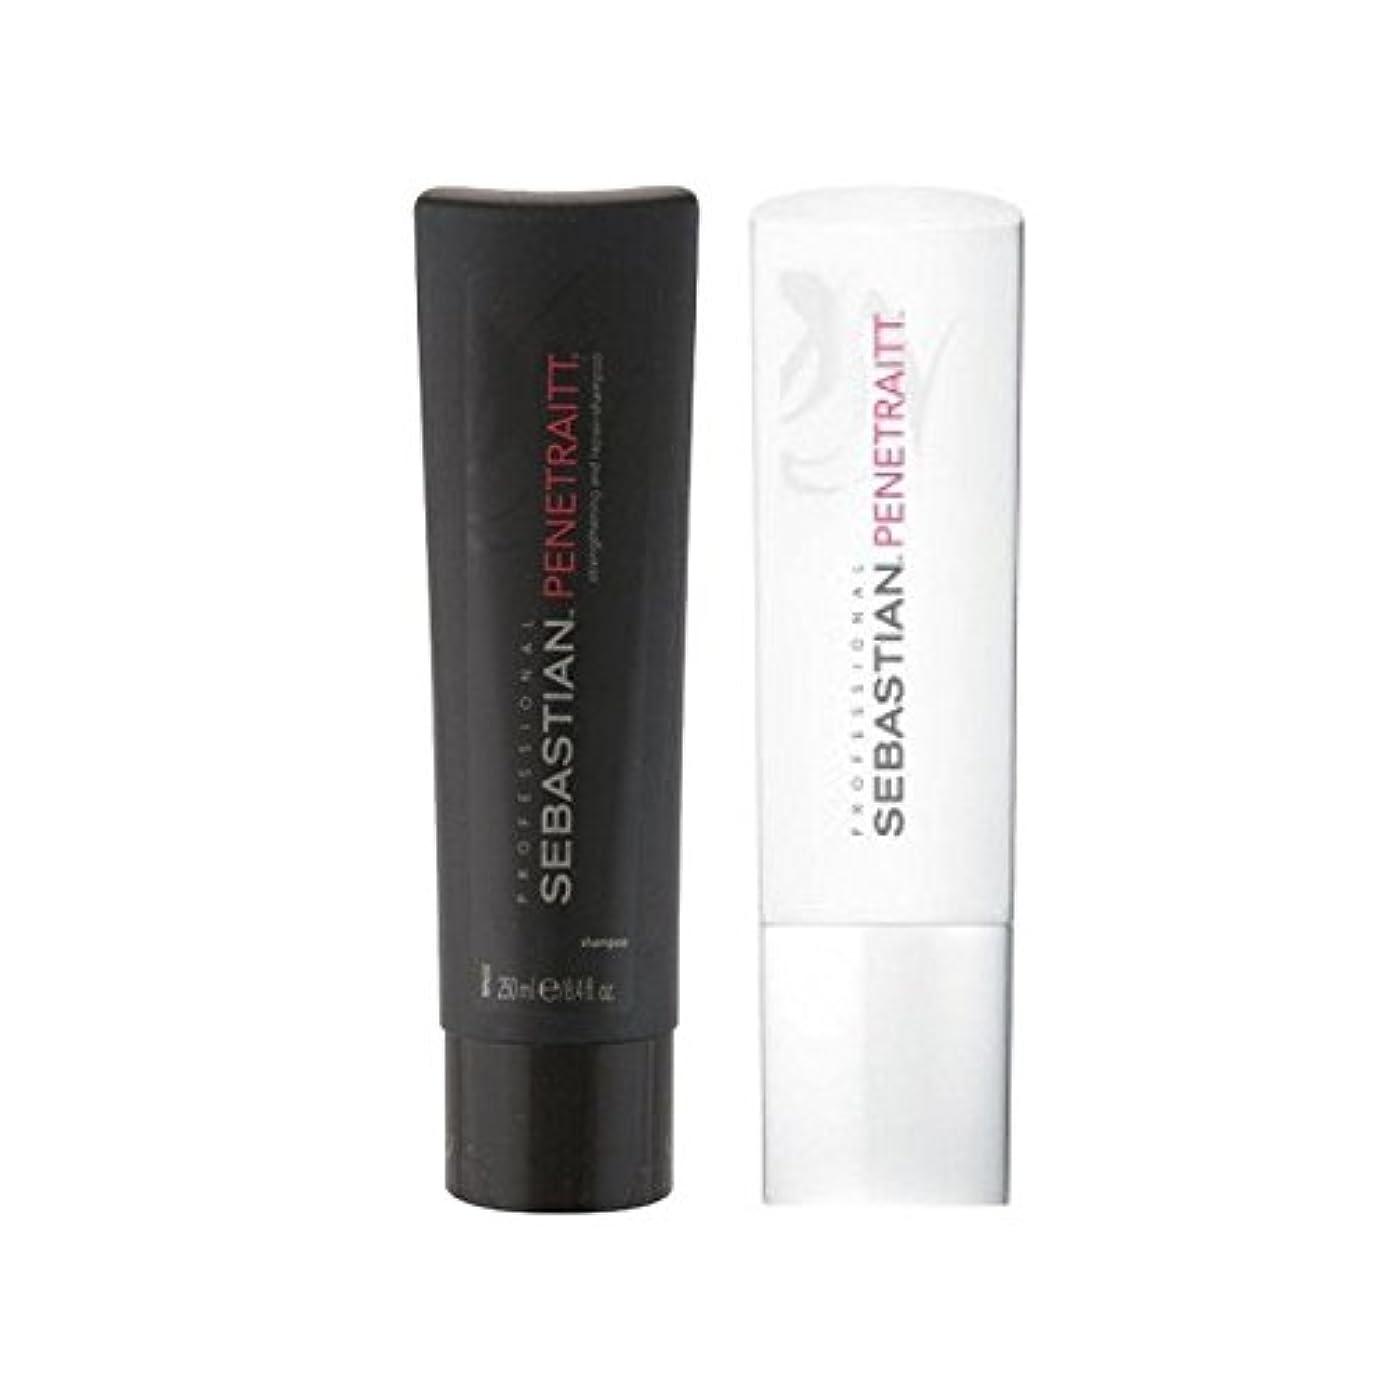 迷信推進研磨Sebastian Professional Penetraitt Duo - Shampoo & Conditioner - セバスチャンプロデュオ - シャンプー&コンディショナー [並行輸入品]